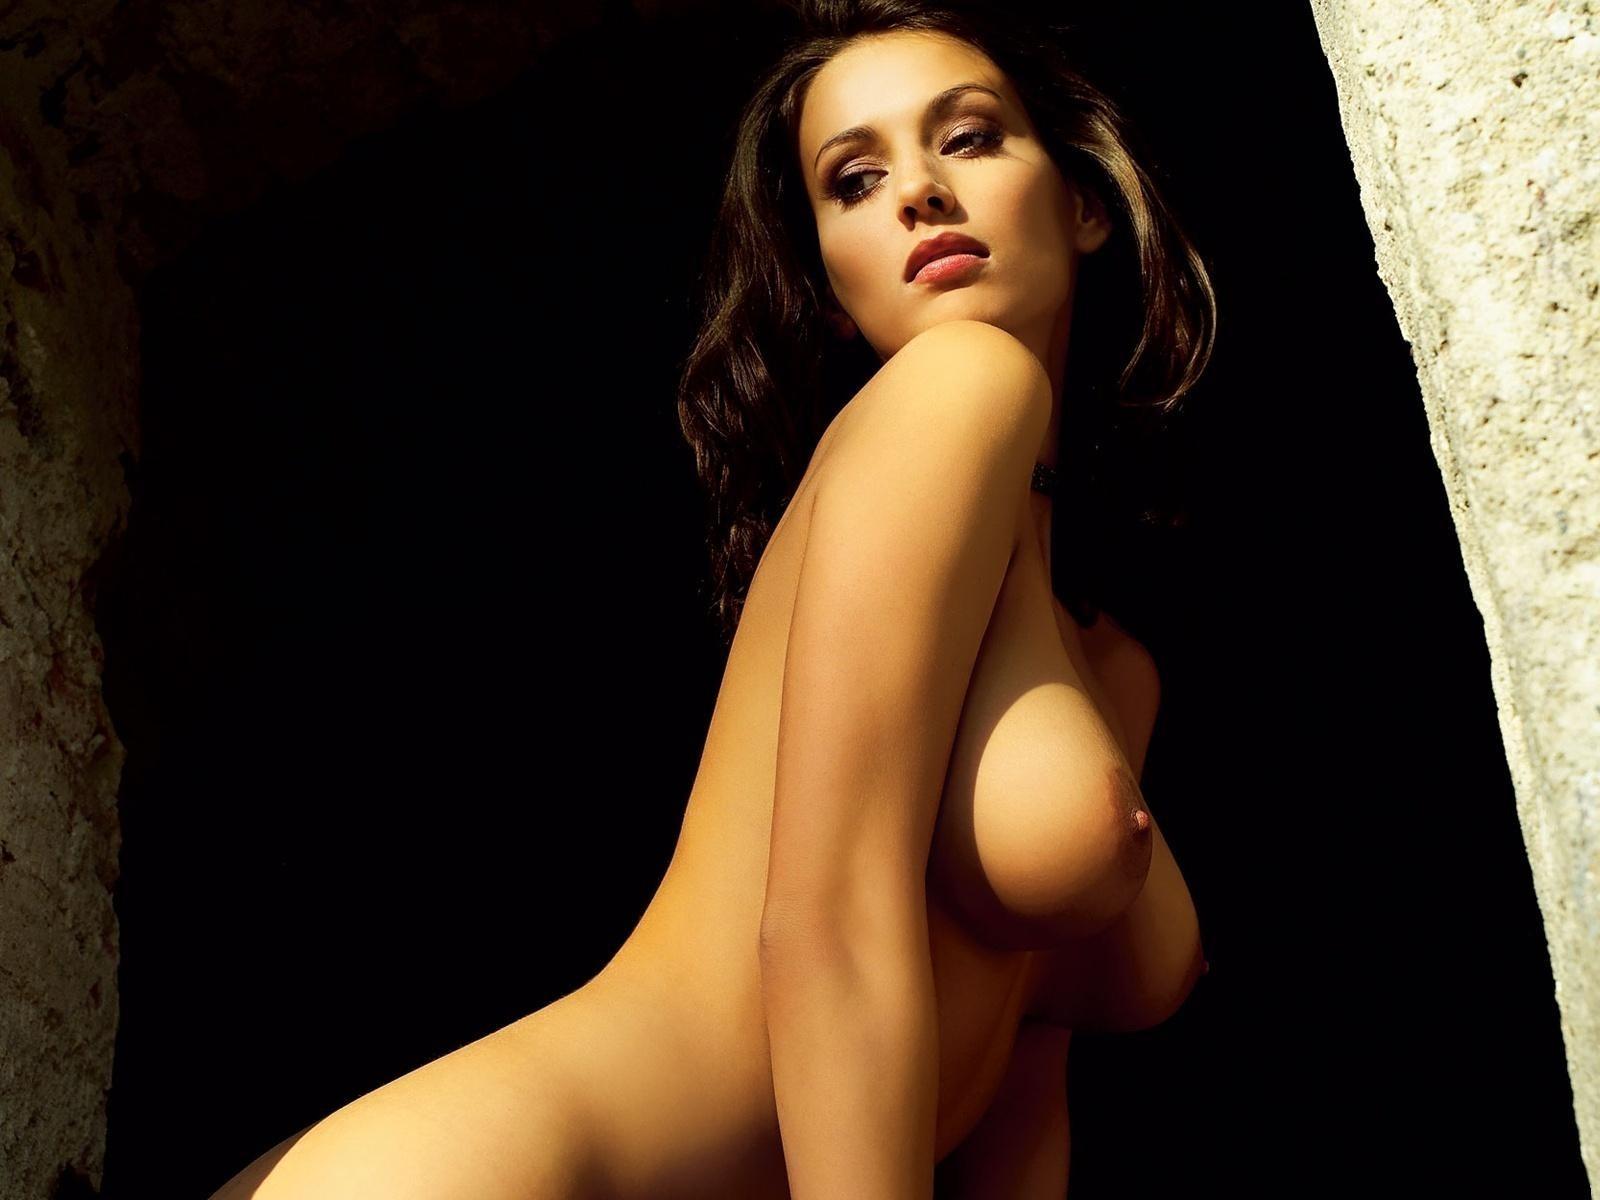 Эротика шикарные фото женщин, Зрелые женщины Голые красивые девушки 25 фотография